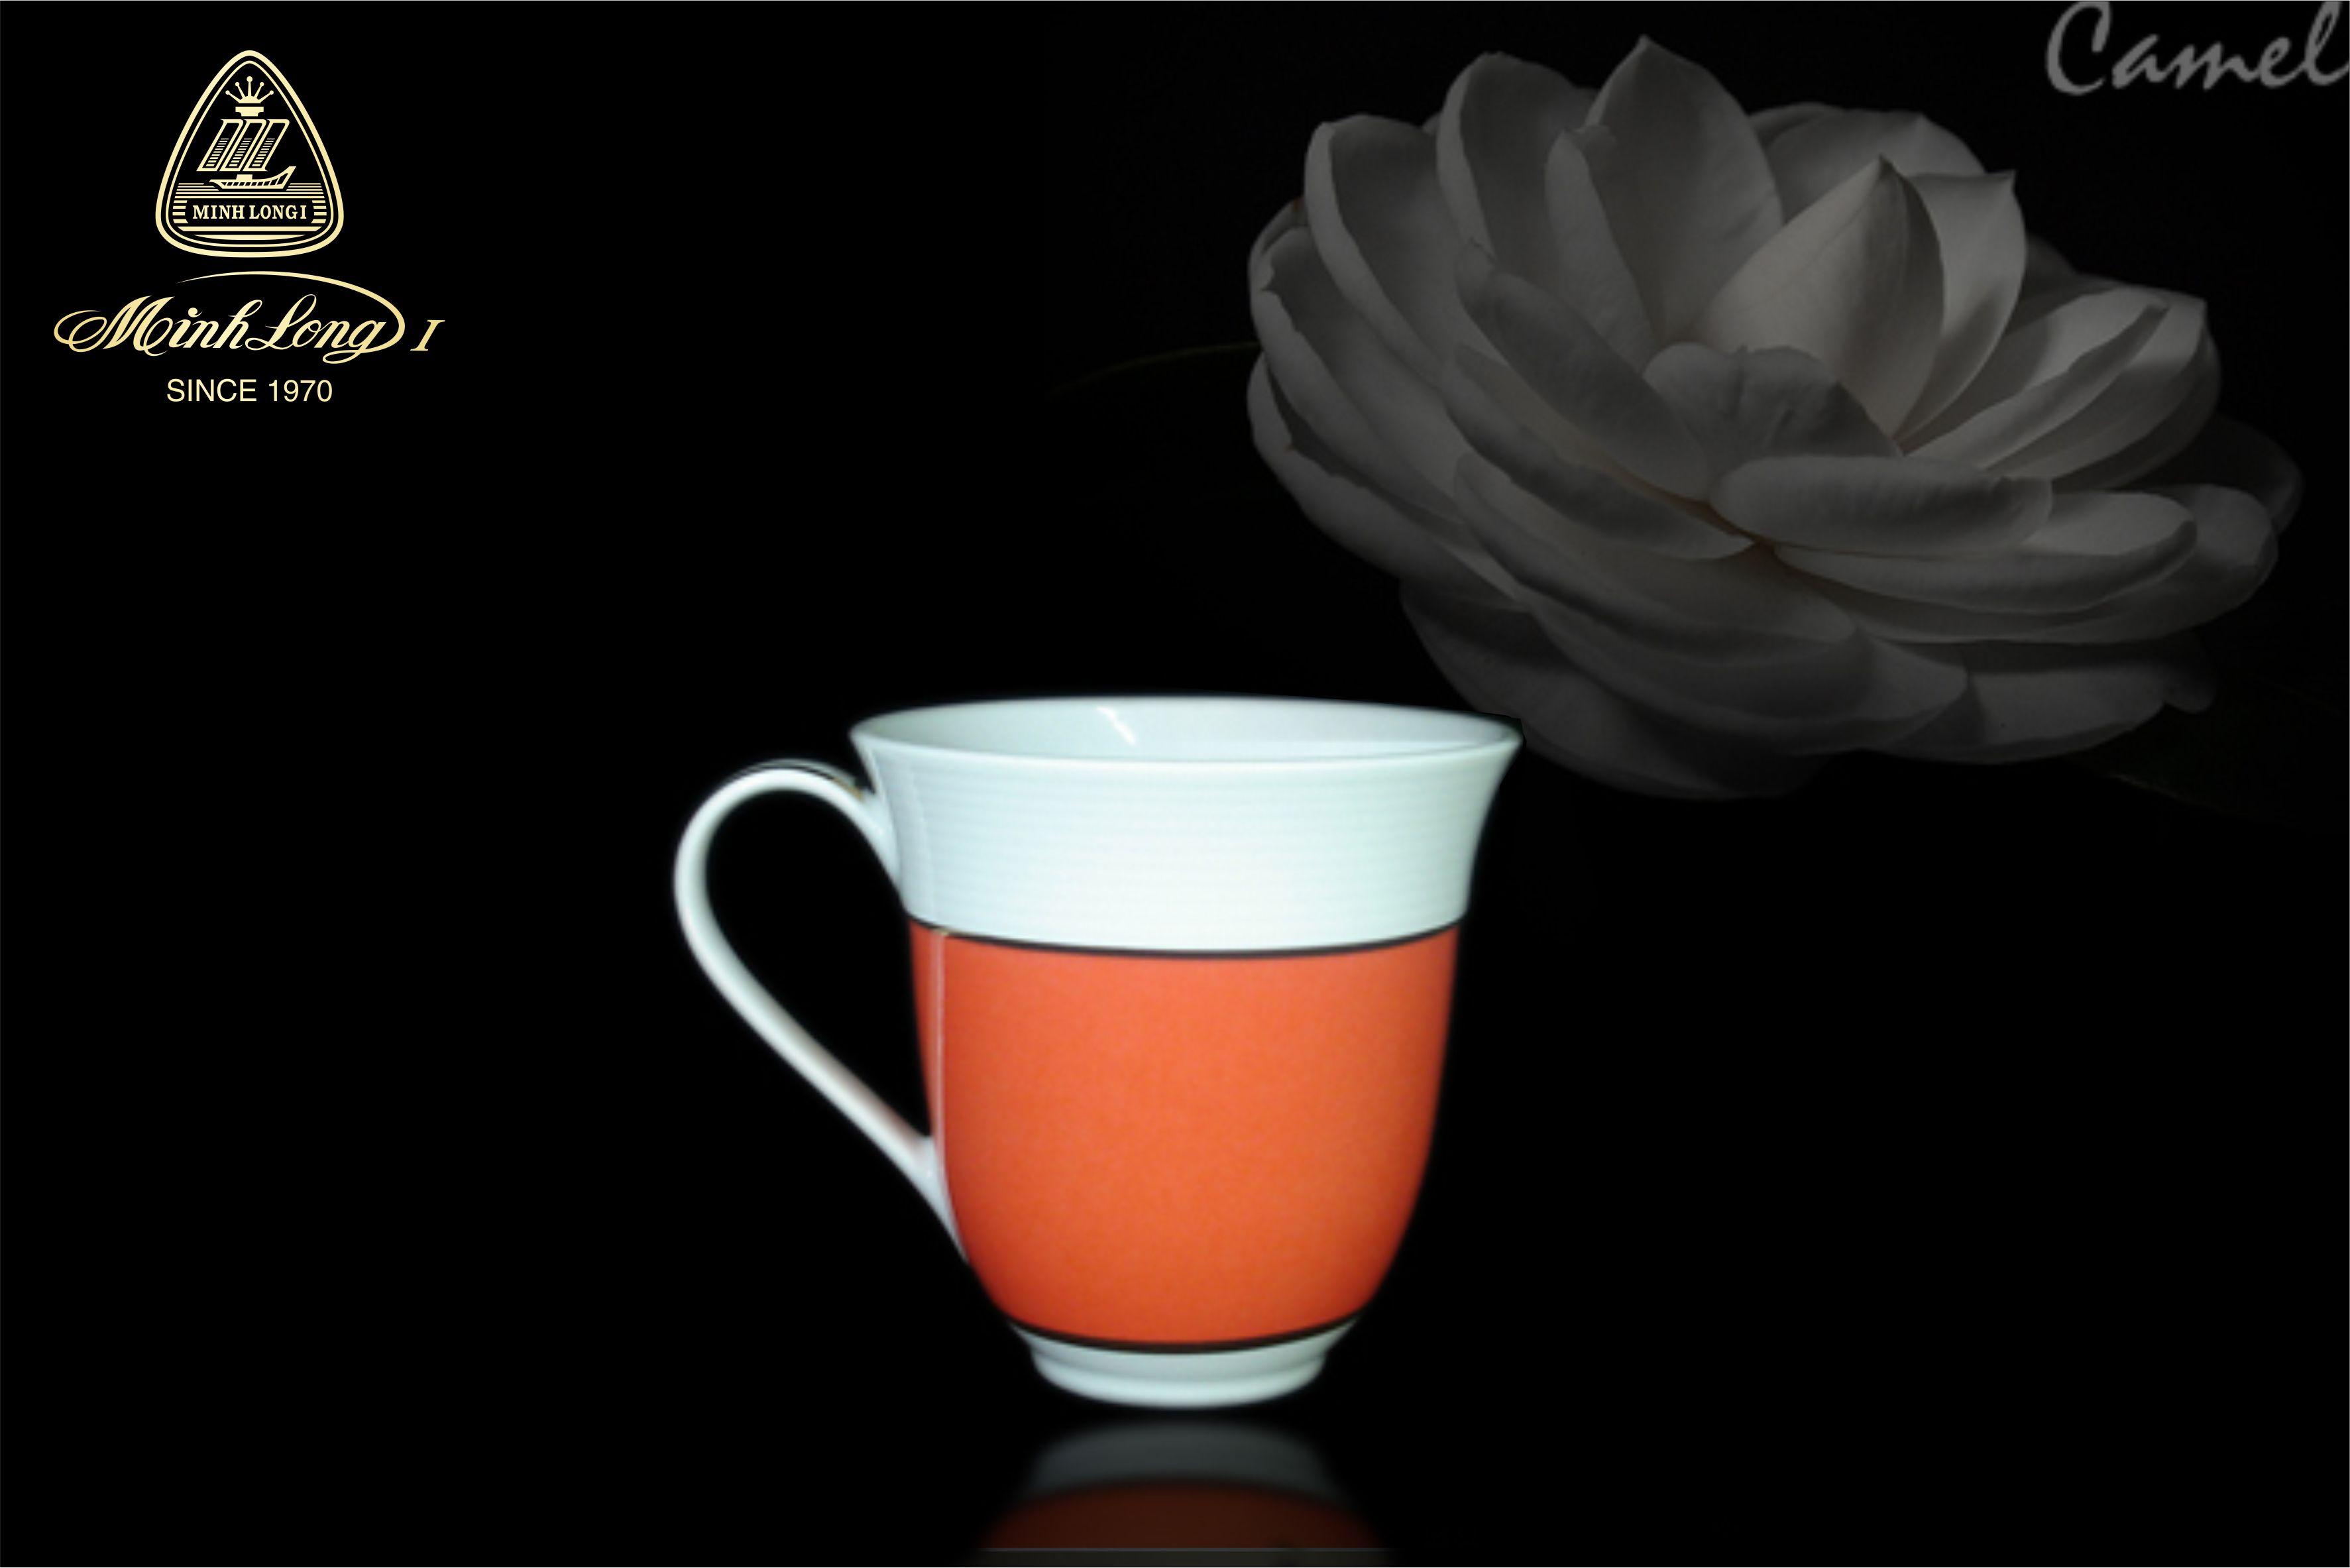 Ca trà 0.4L Came Cam Đỏ 154040337 Minh Long